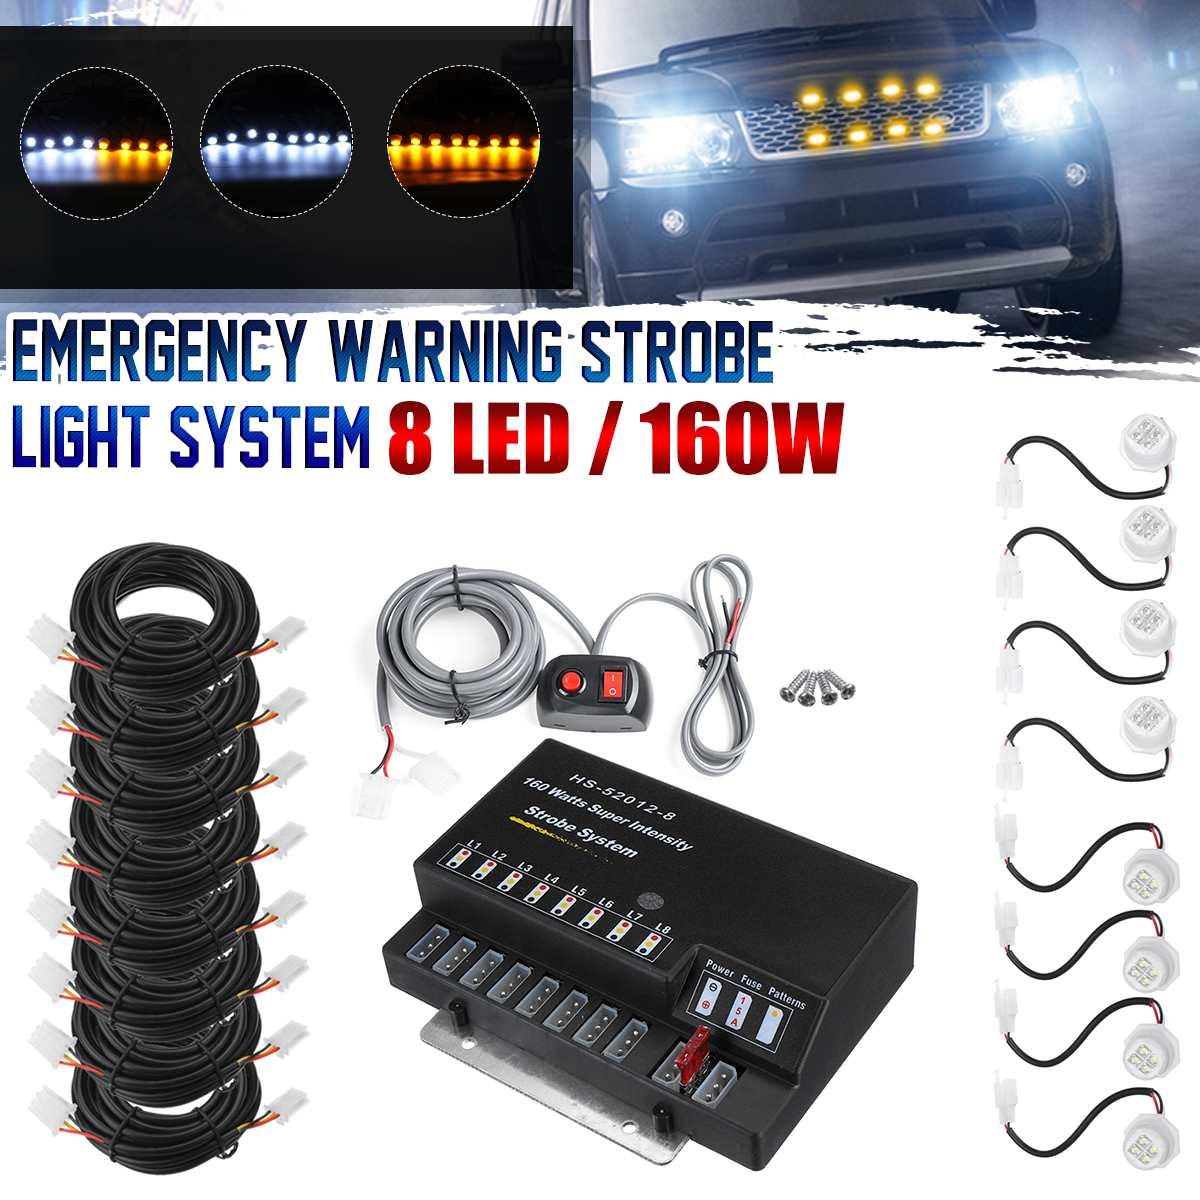 80/120/160W 12V voiture HID ampoules cacher Flash lumière stroboscopique avant Grille pont stroboscopique Flash voyant d'avertissement d'urgence pour camion Jeep